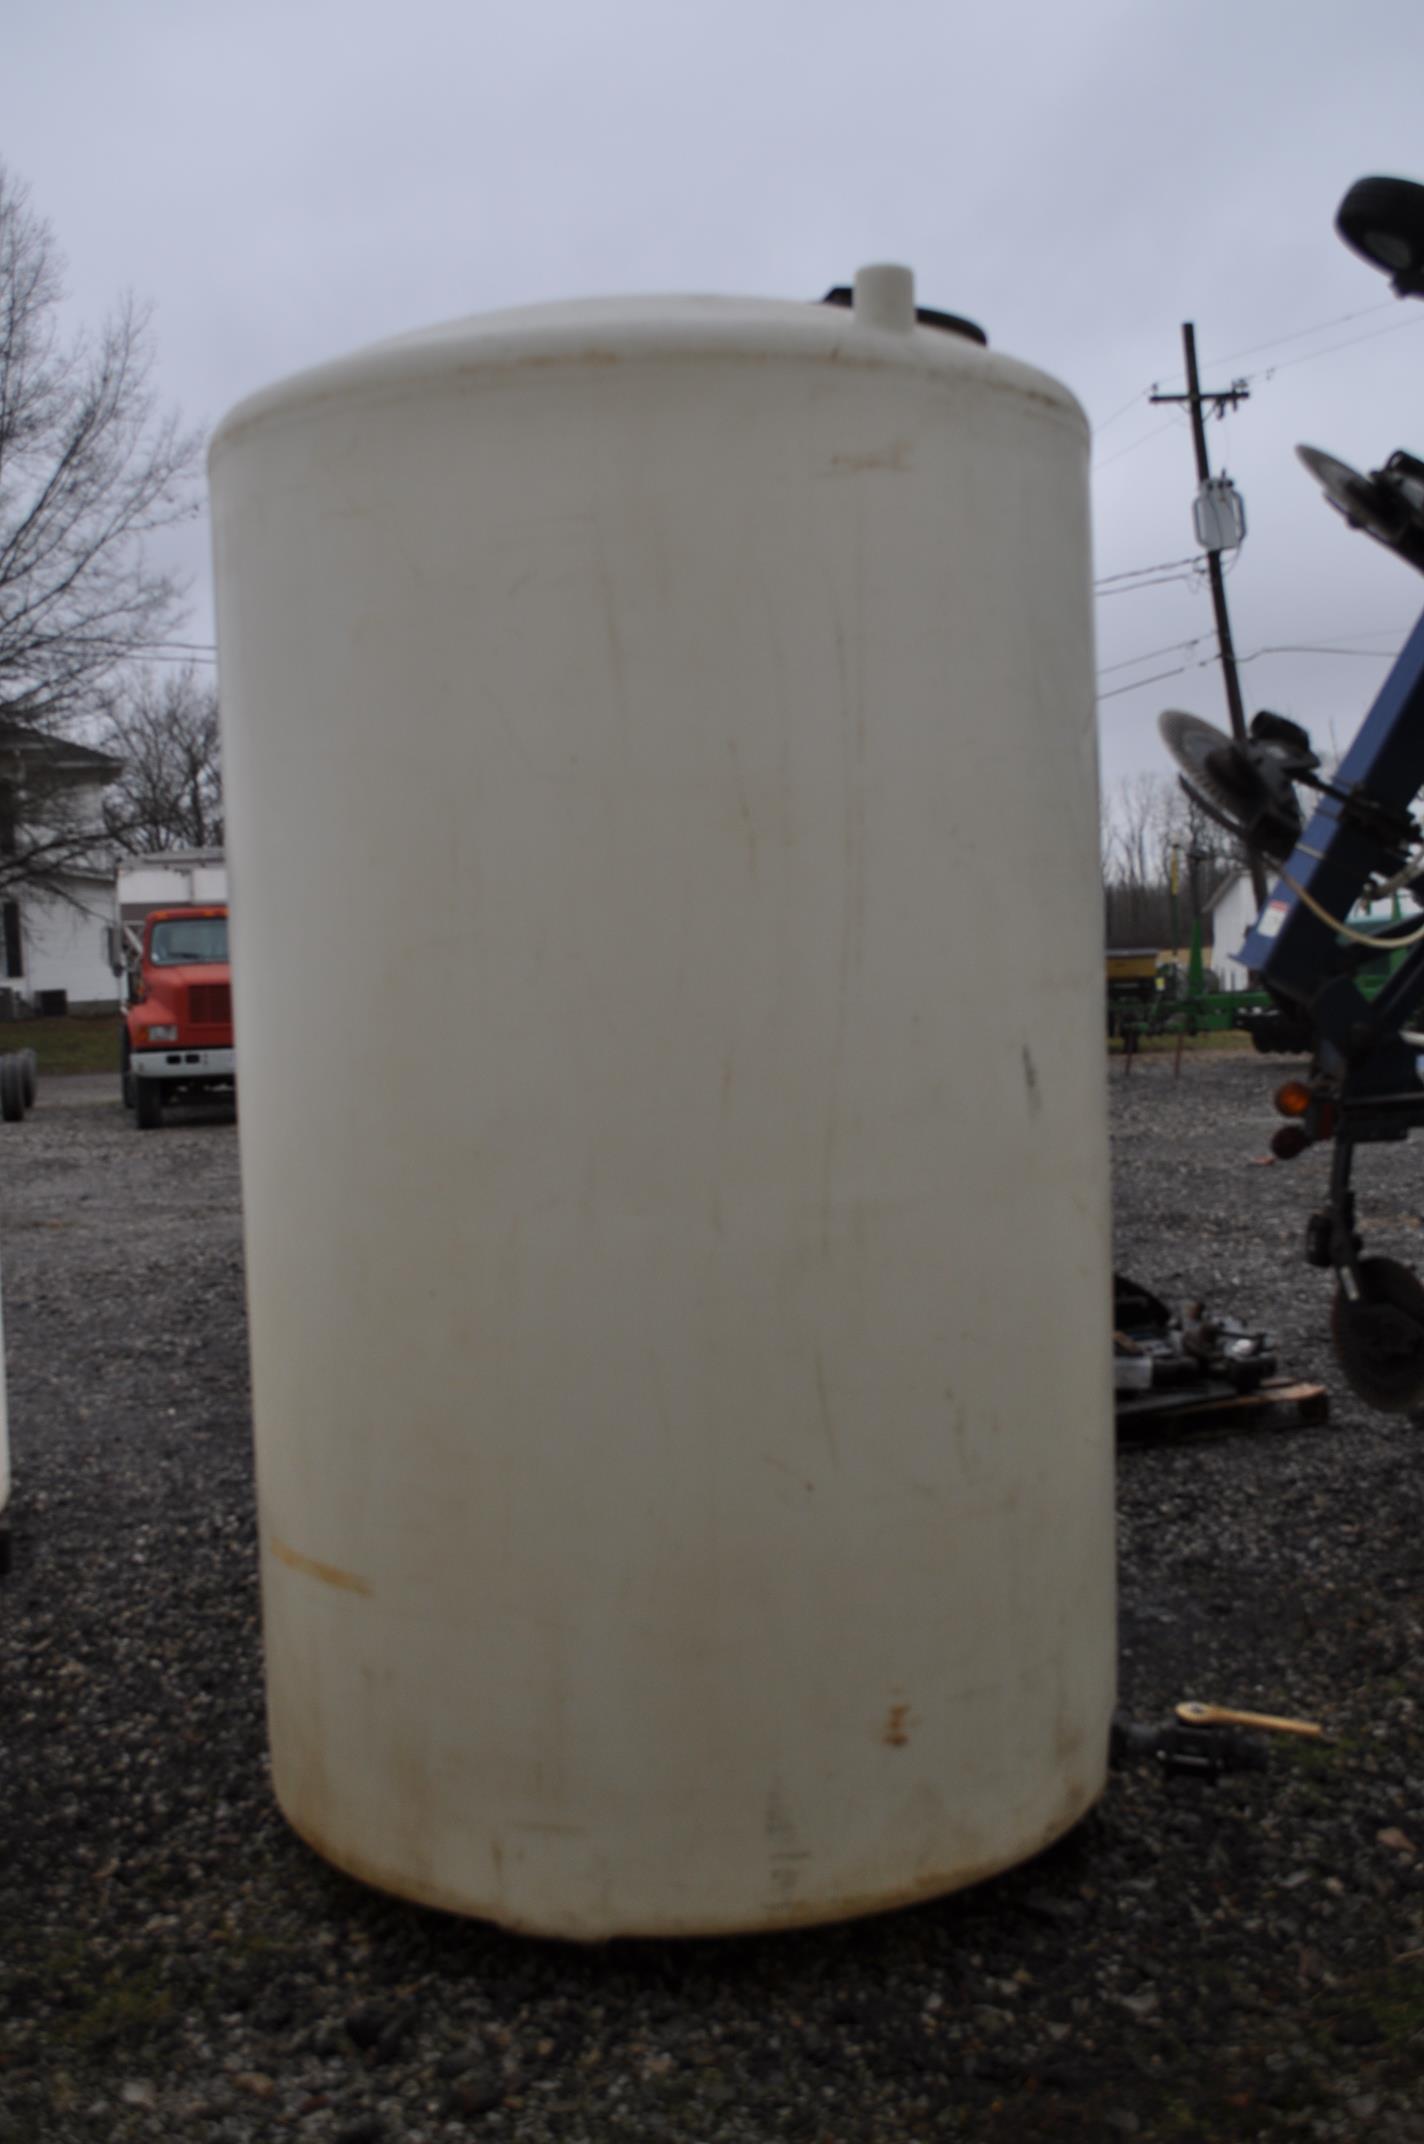 1500 gal flat bottom poly tank - Image 2 of 3